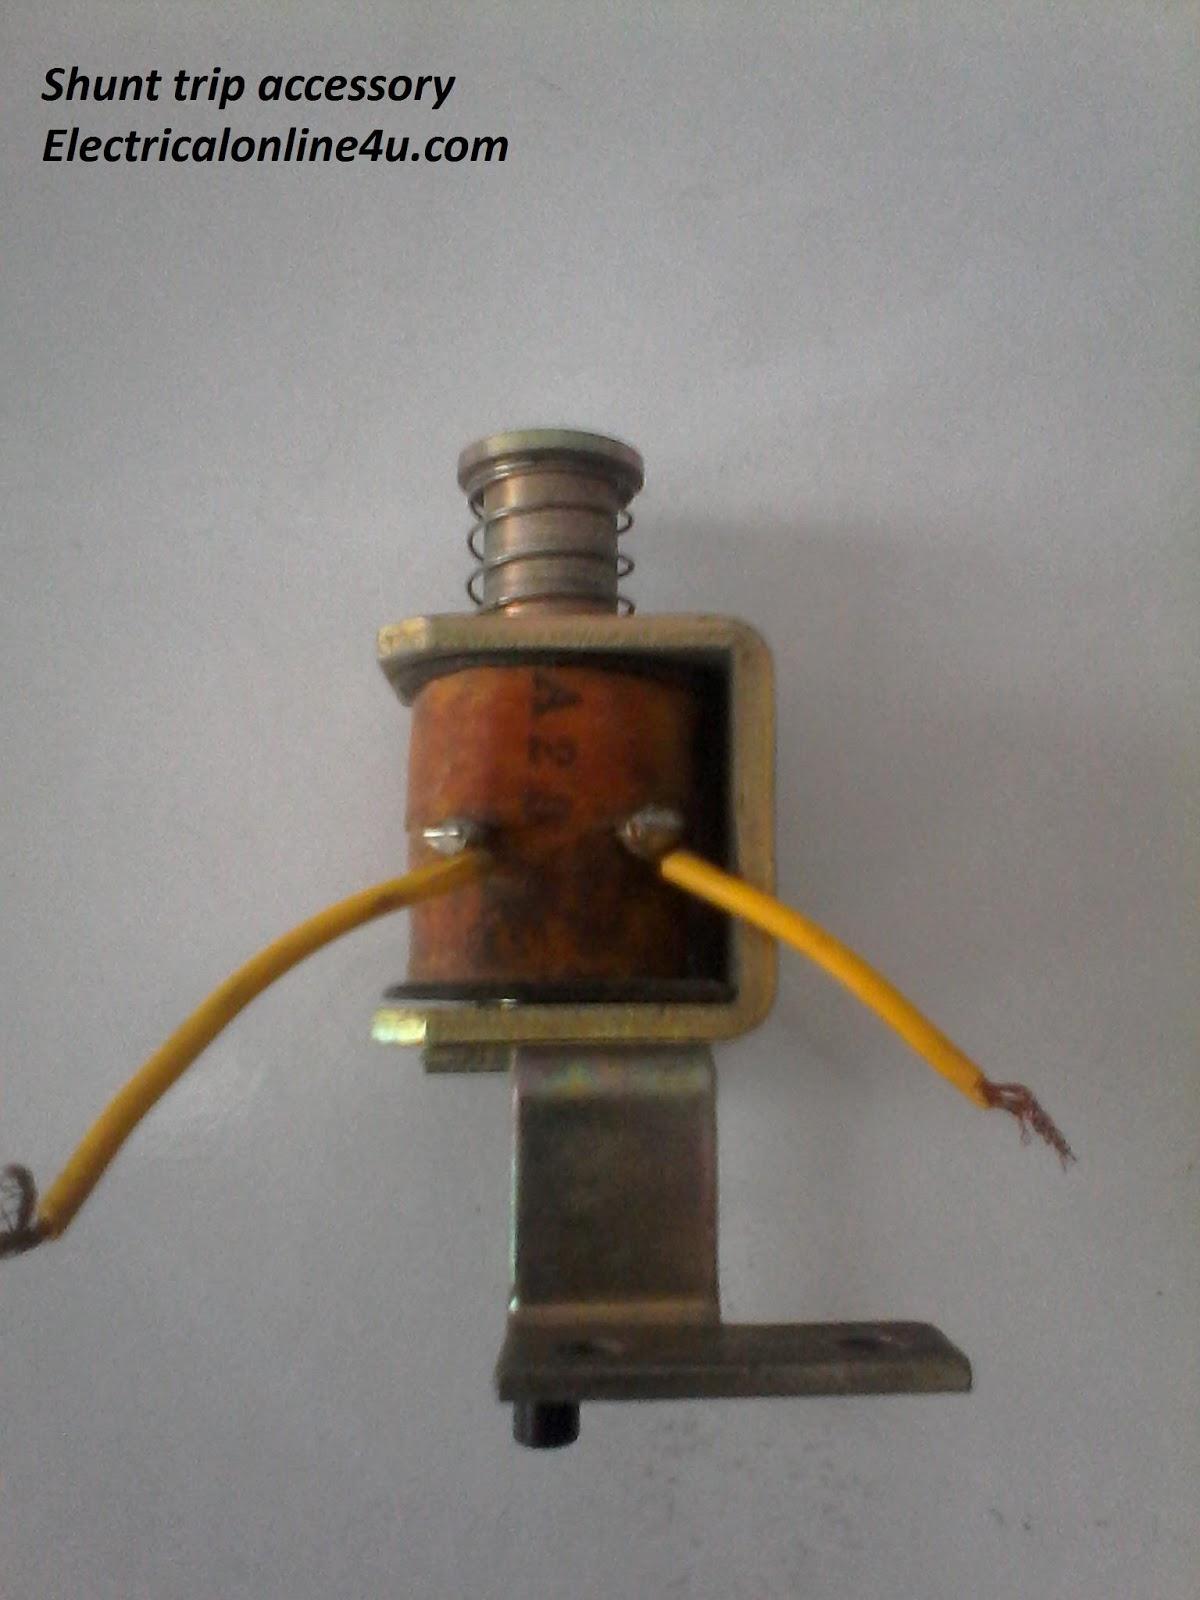 hight resolution of breaker shunt trip coil